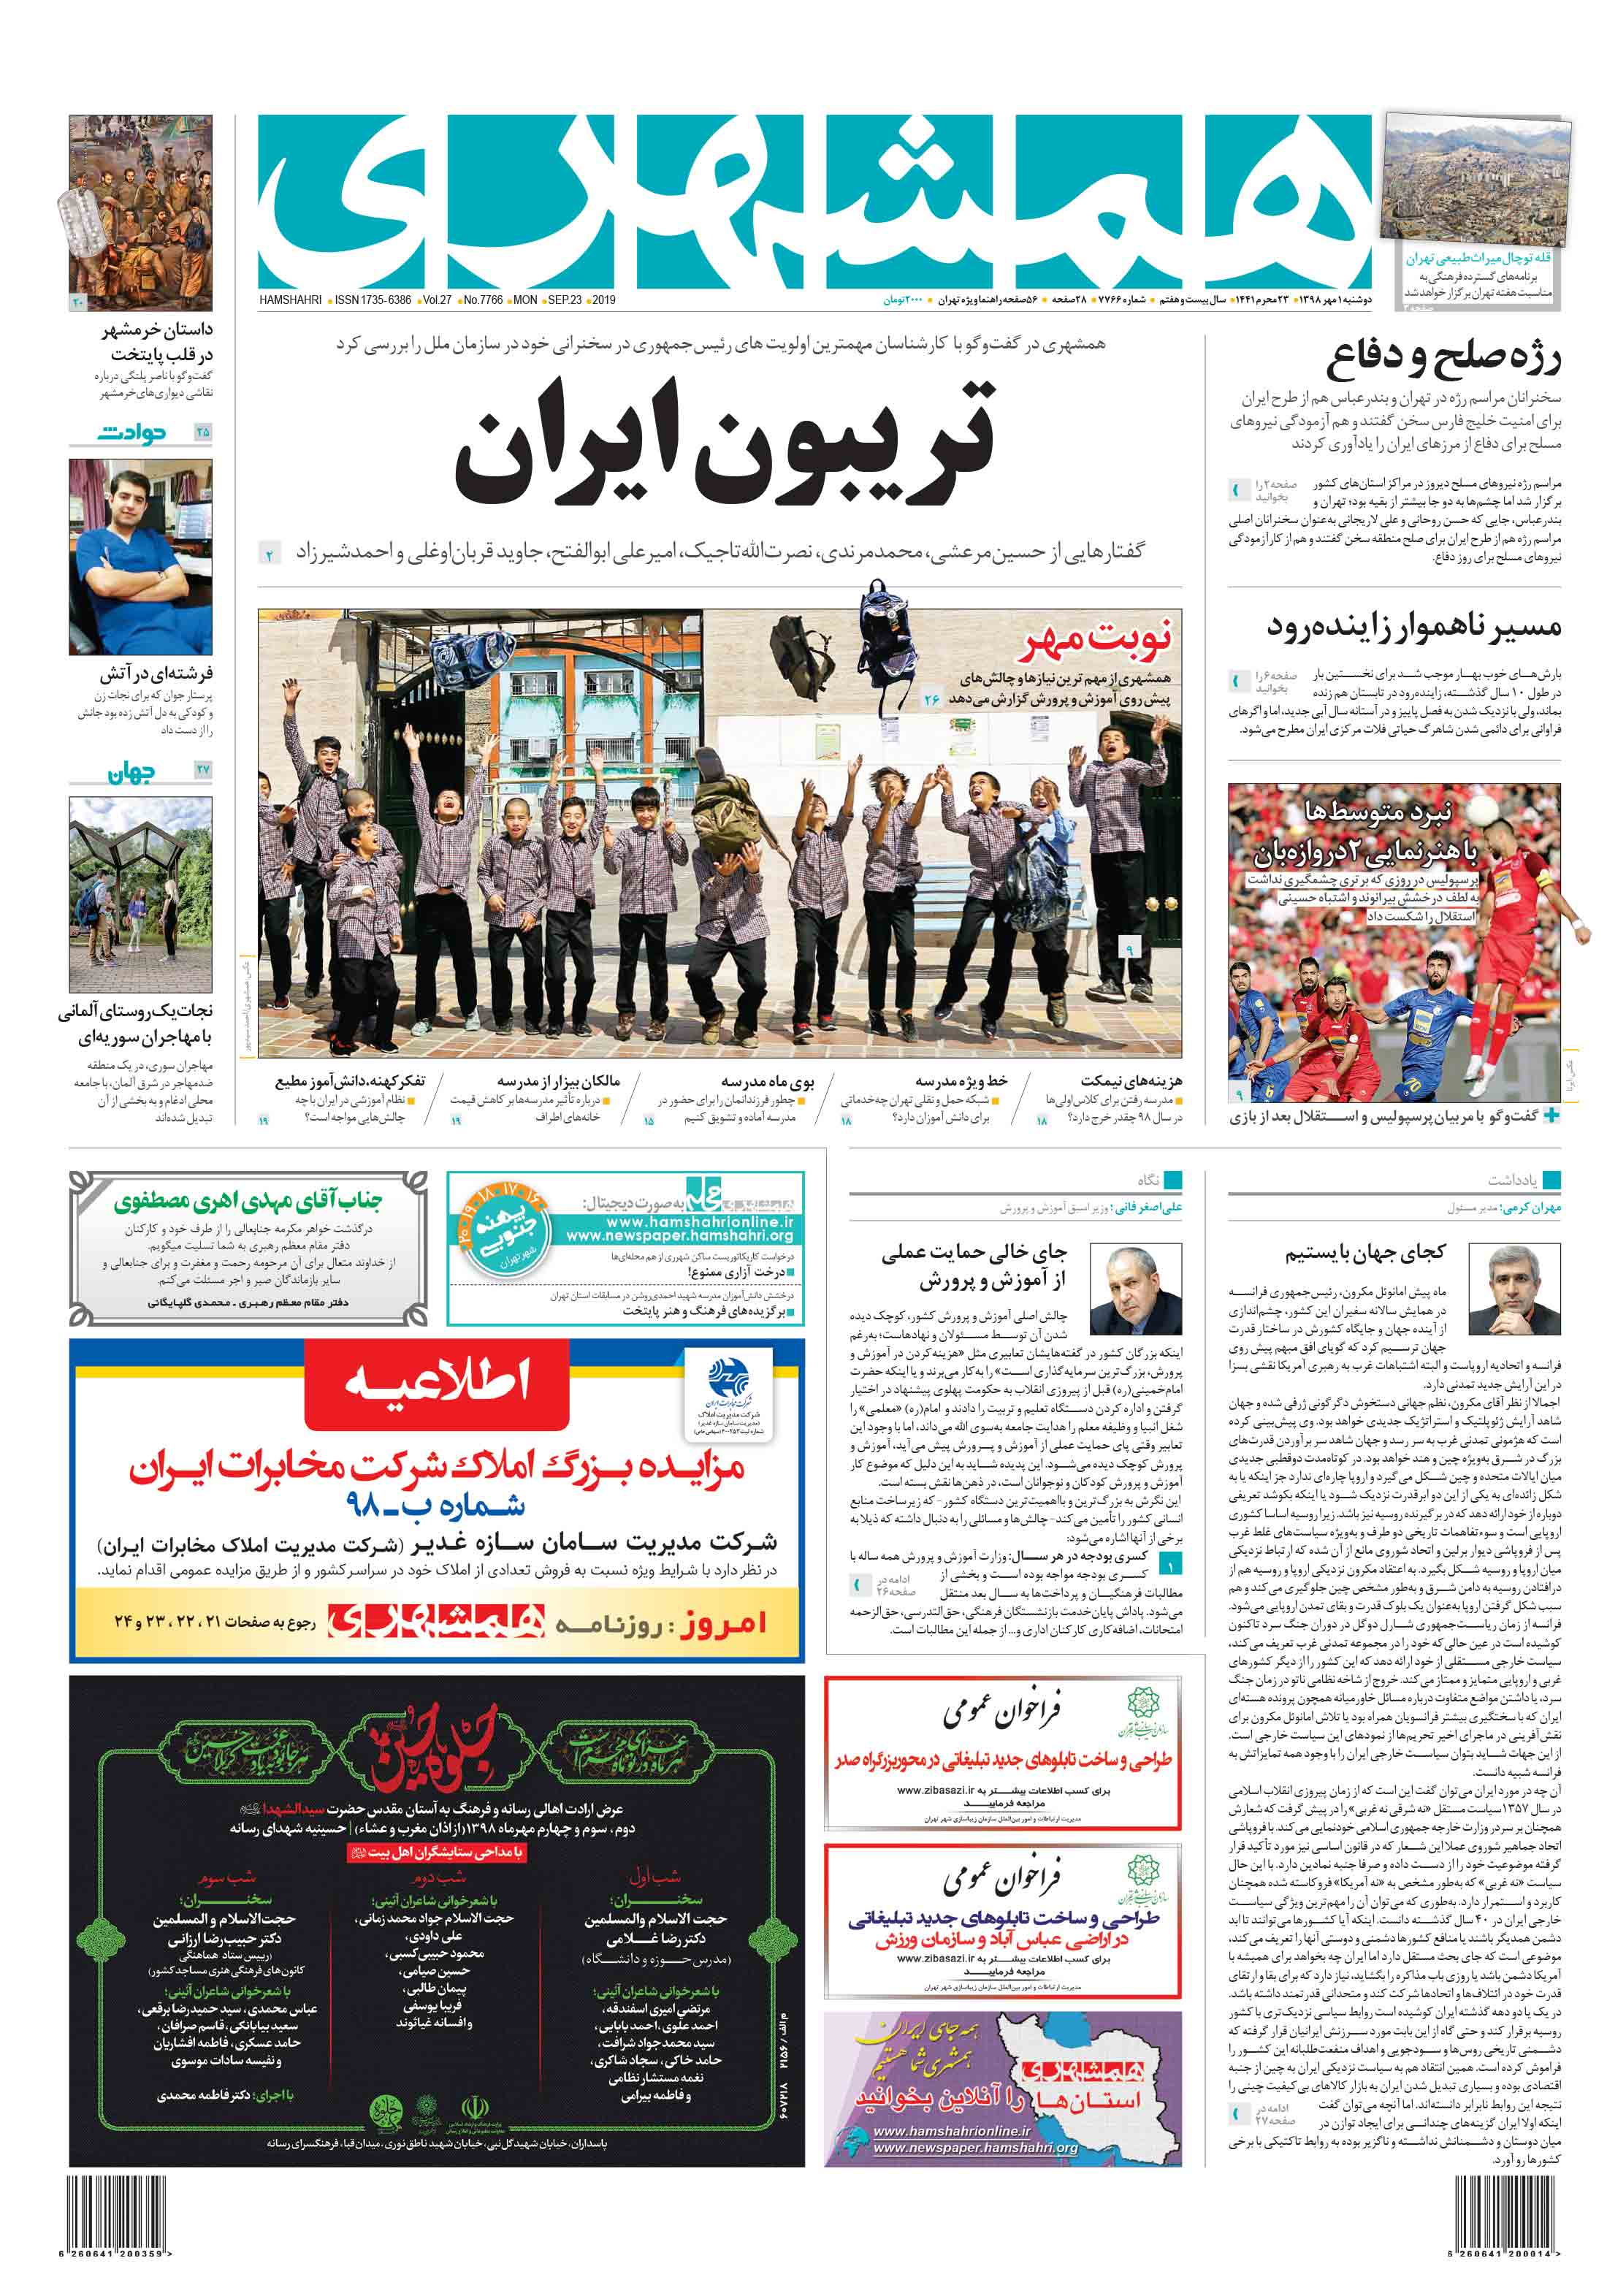 صفحه اول دوشنبه 1 مهر 1398